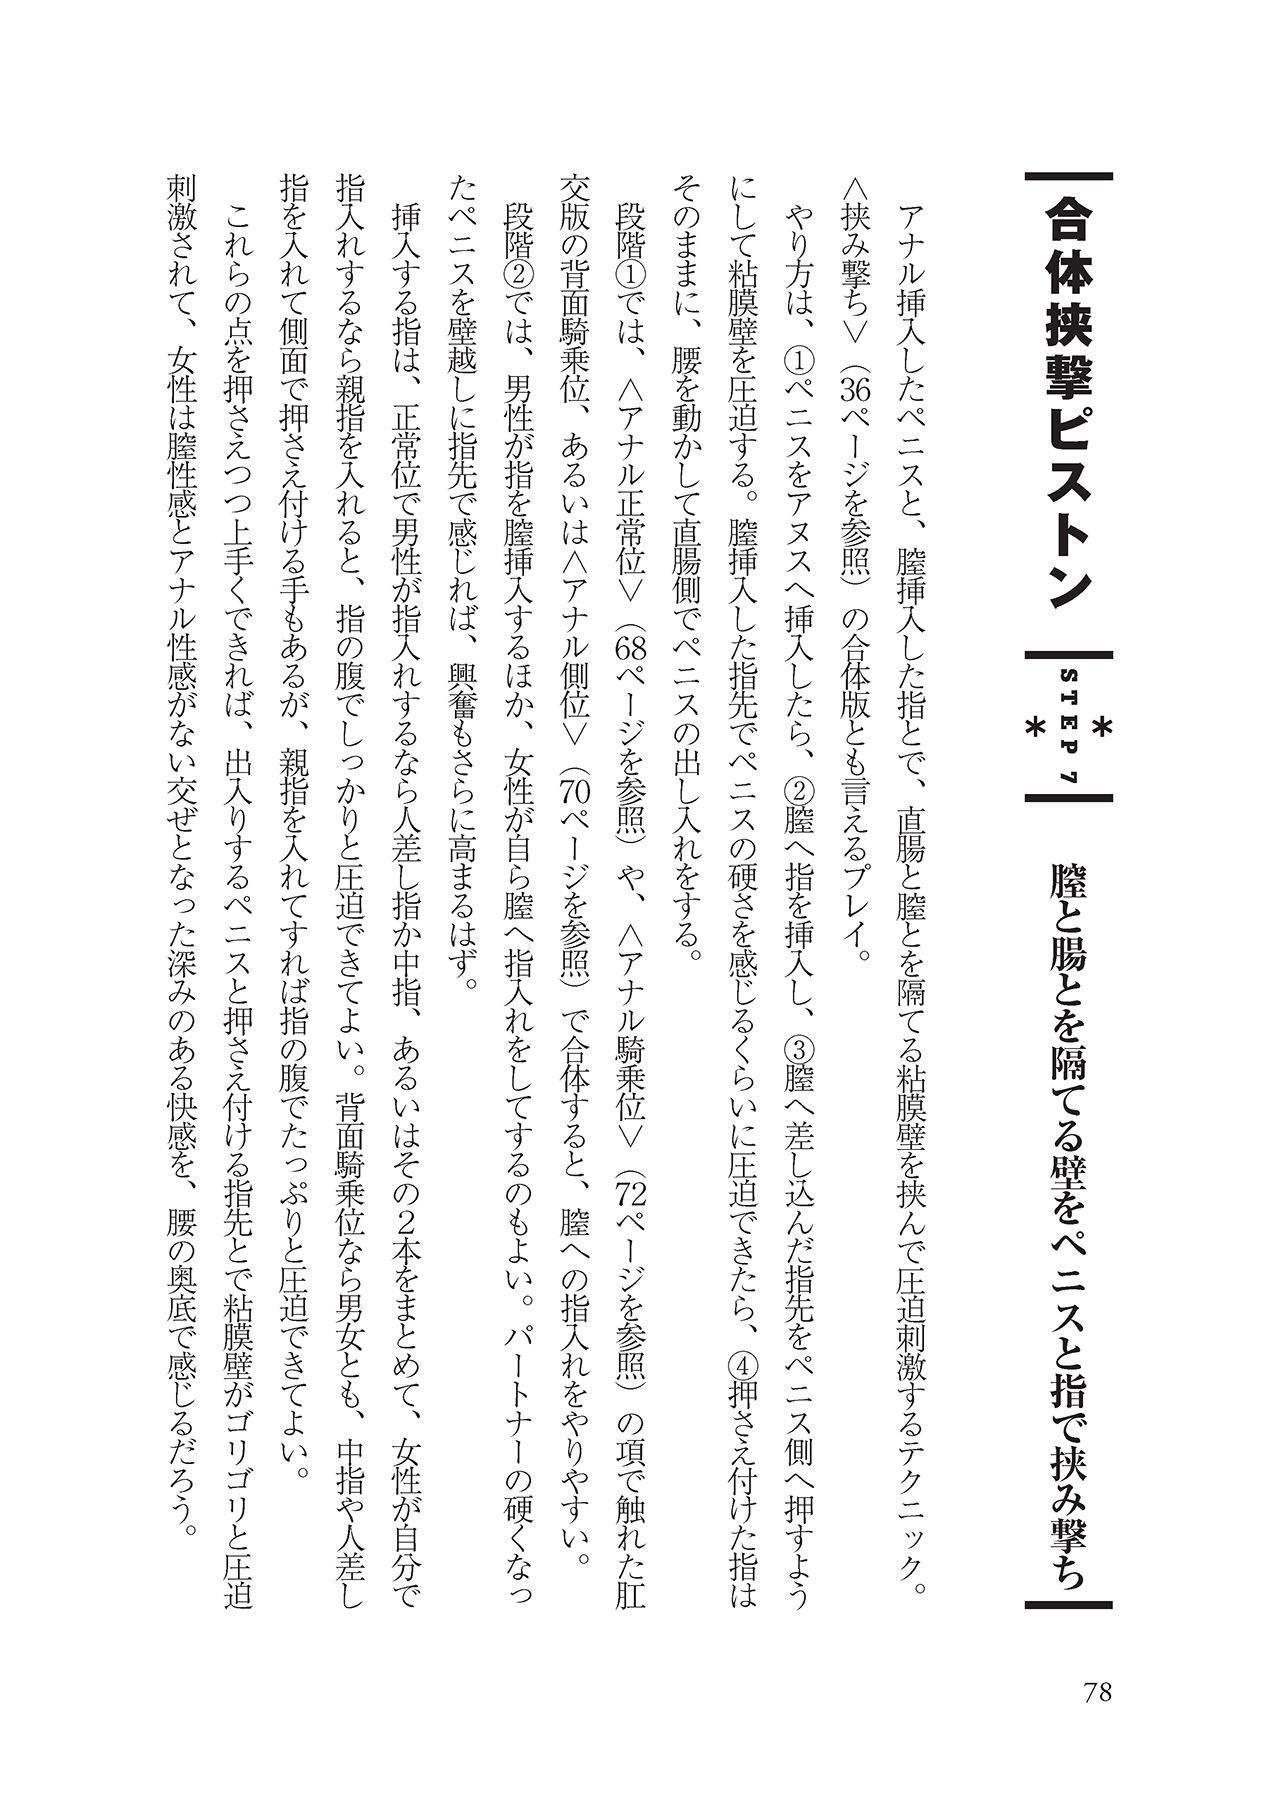 アナル性感開発・お尻エッチ 完全マニュアル 79